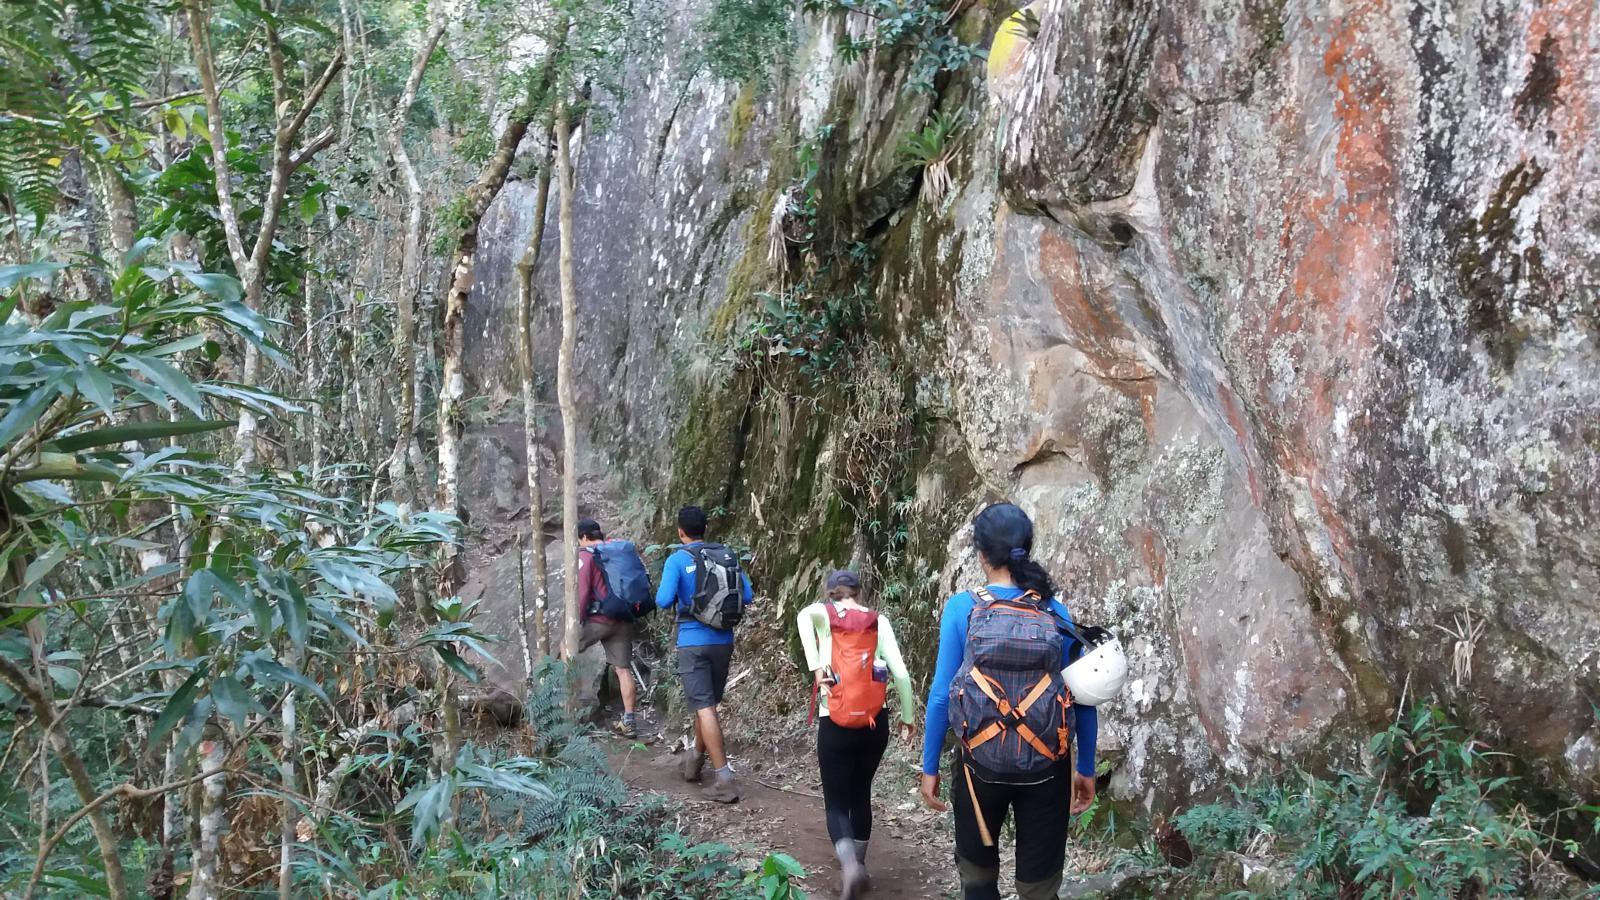 Wikiloc, https://pt.wikiloc.com/trilhas-via-ferrata/pedra-do-bau-e-ana-chata-em-sao-bento-do-sapucai-sp-marcelo-28287996/photo-18073279